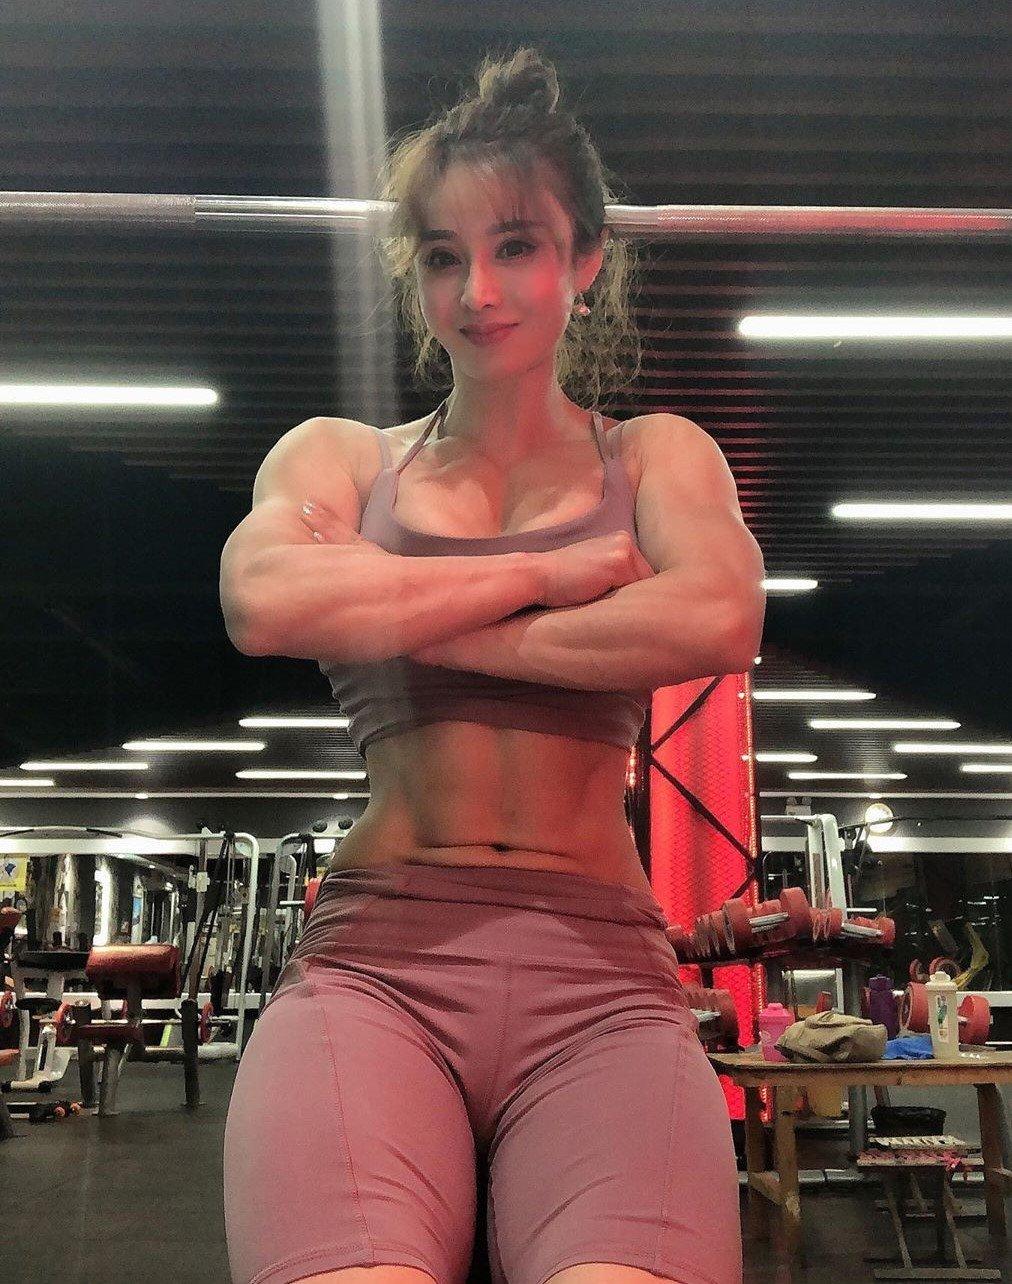 【画像】男の女に対する理想の体型がコレ↓ 女よ努力してるか?